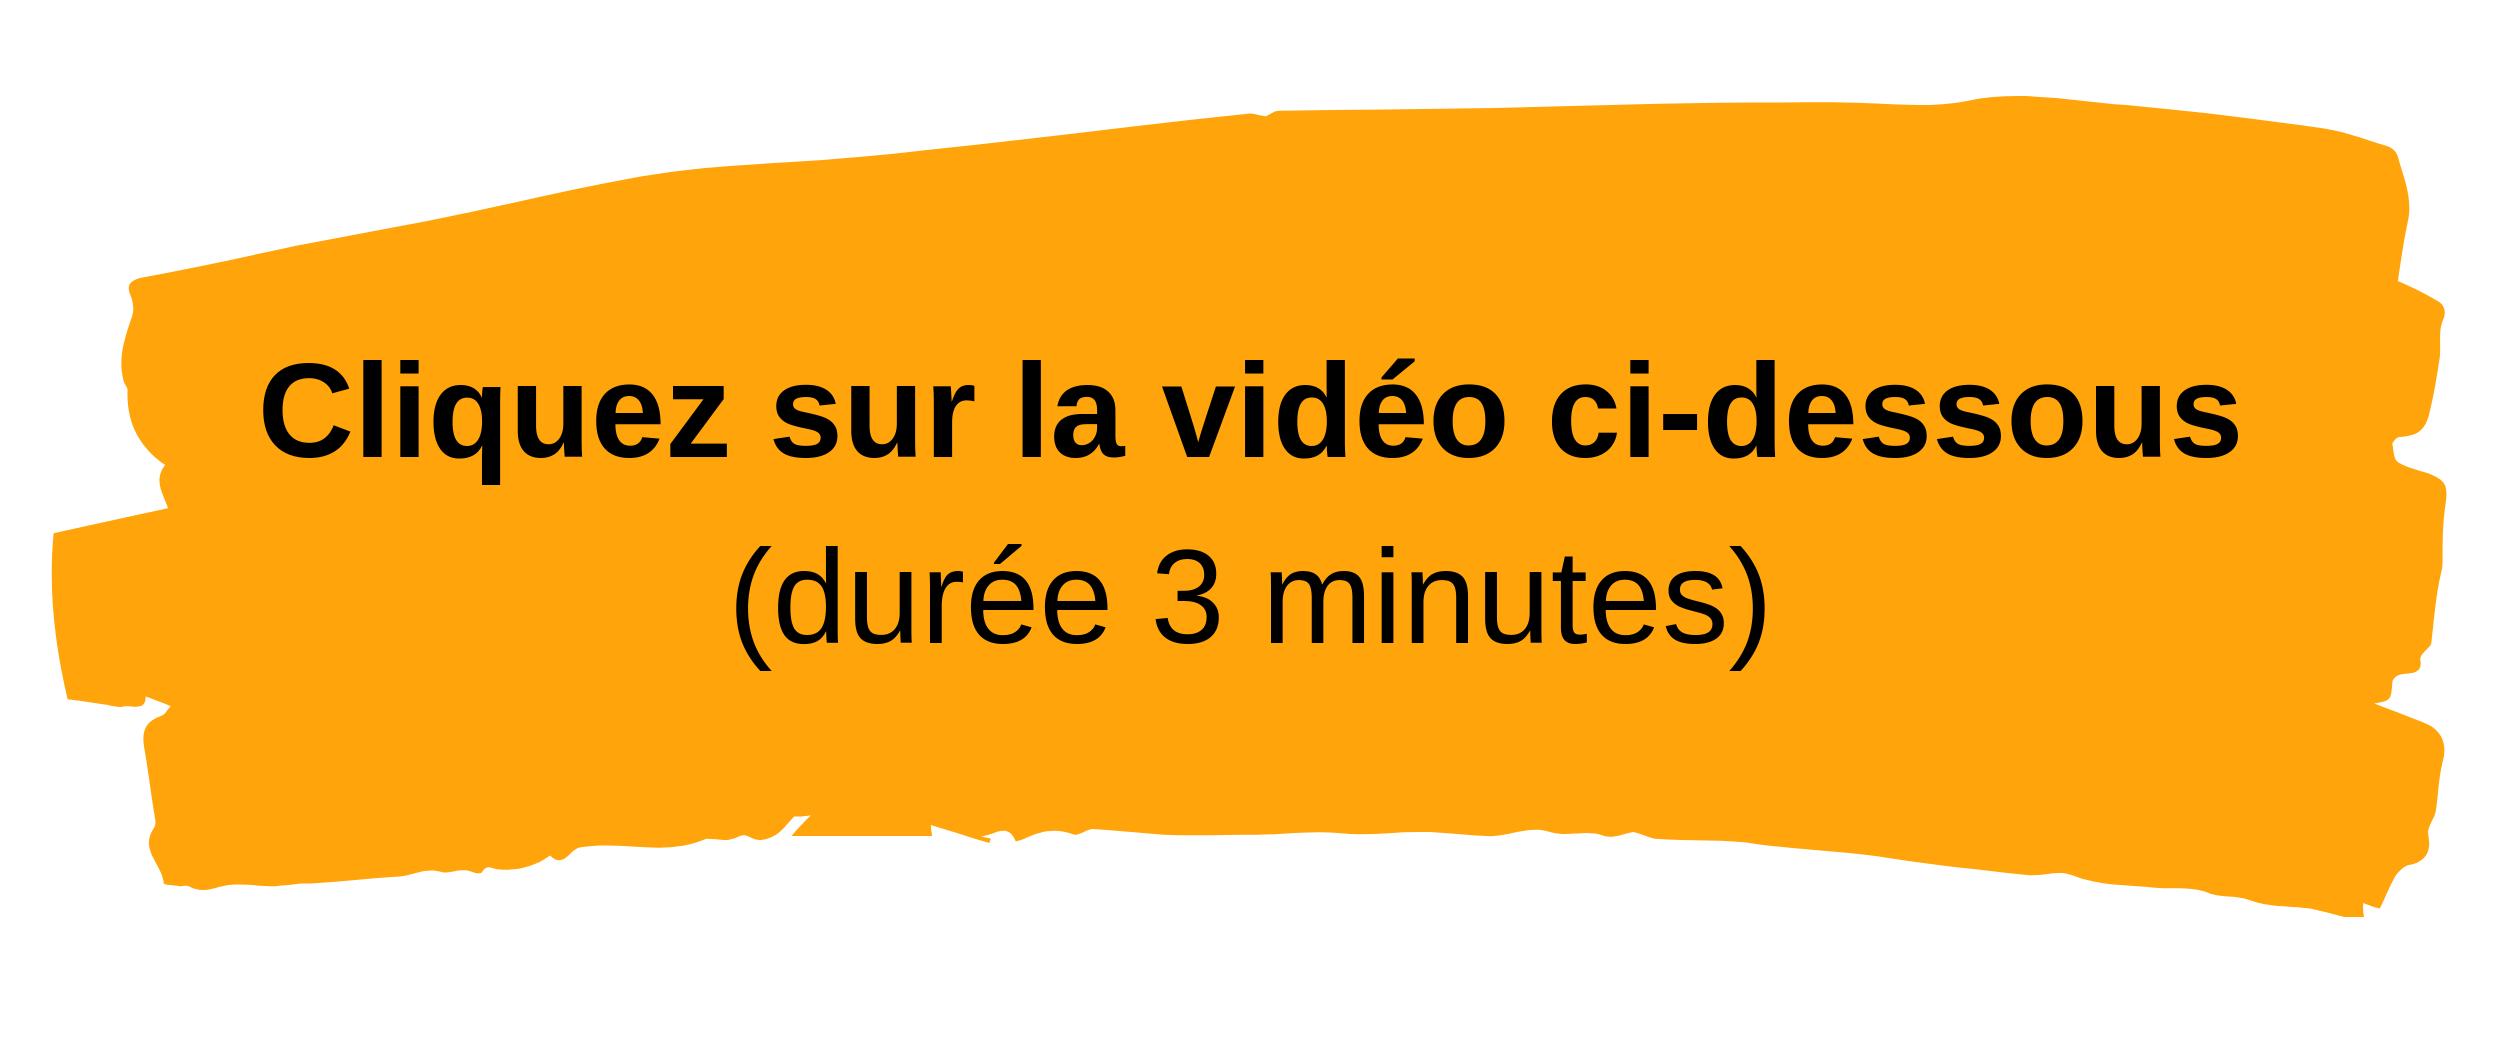 low priced 29a36 b606d Cliquez sur la vidéo ci-dessous - Traiter-acouphenes.fr